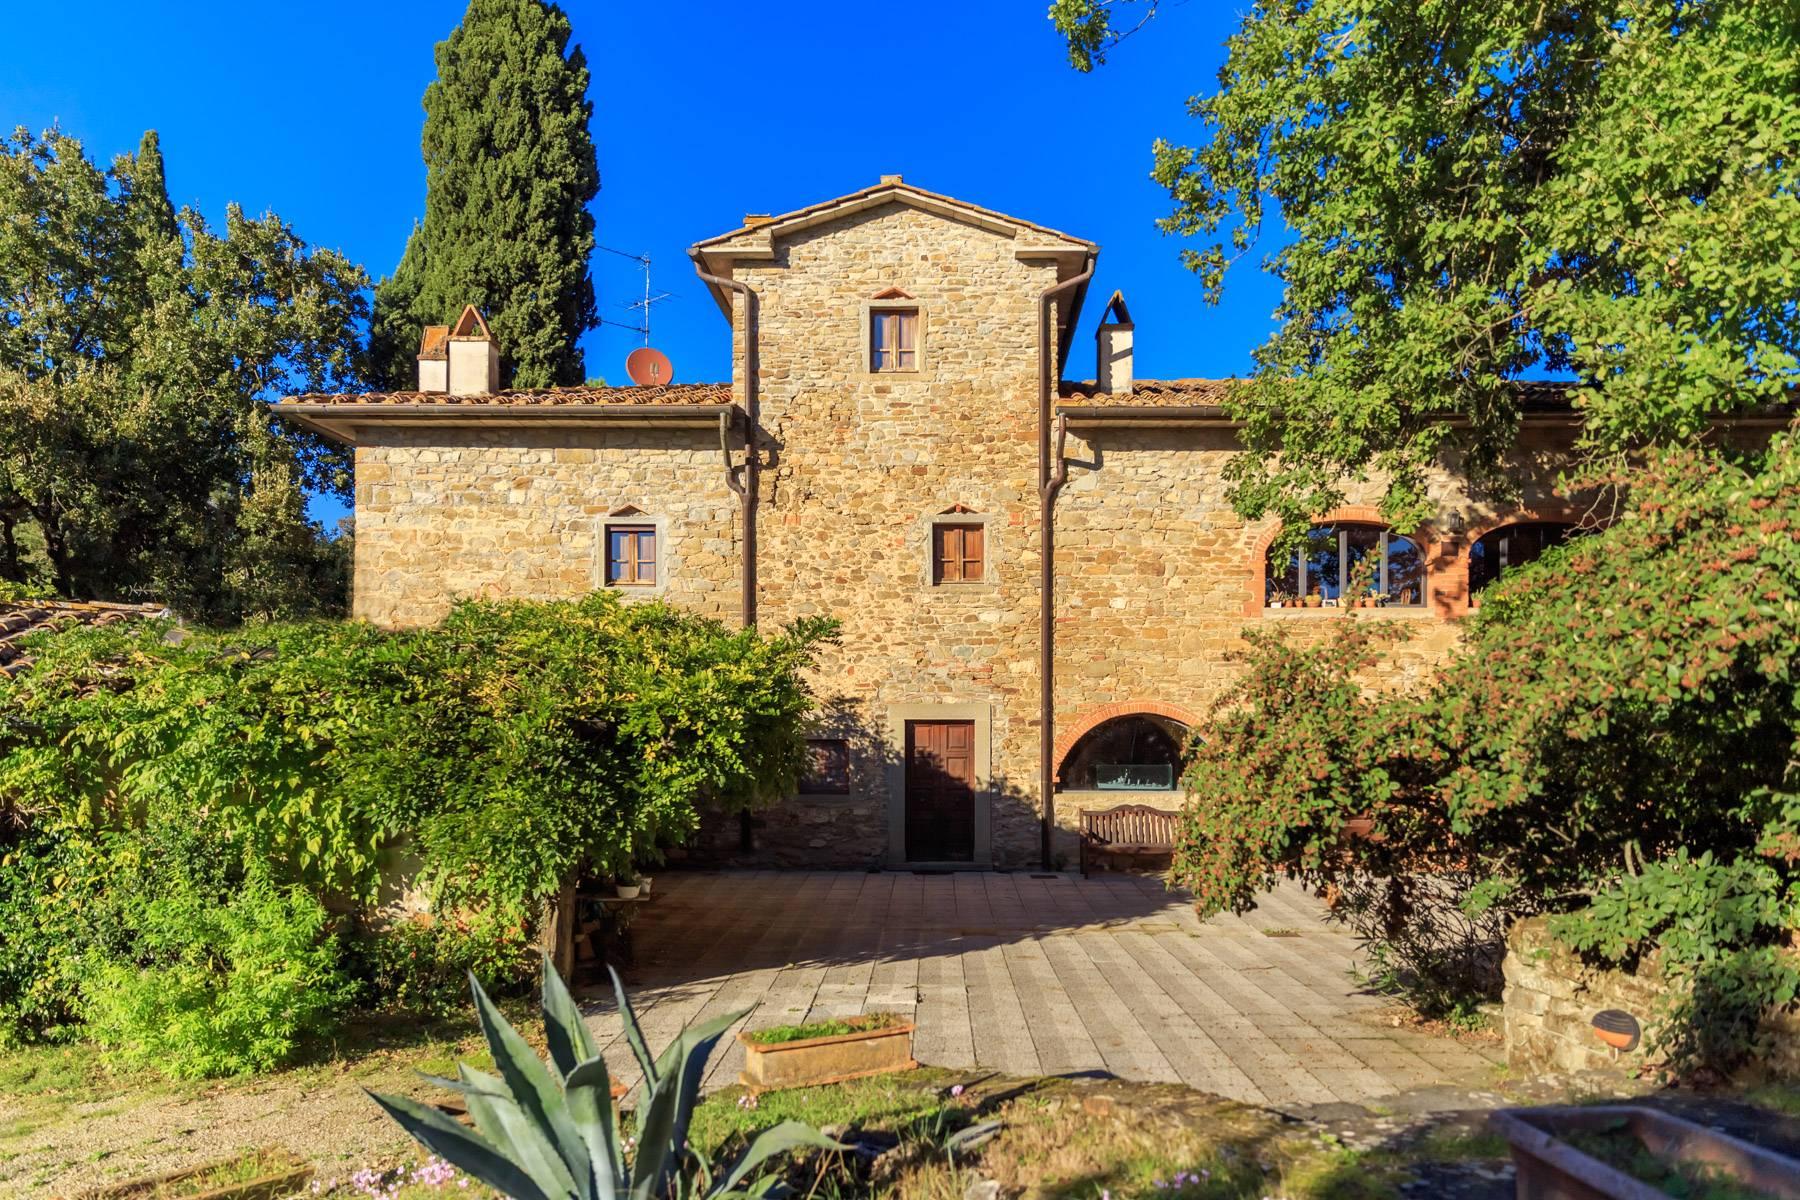 Villa in Vendita a Castiglion Fibocchi: 5 locali, 600 mq - Foto 1